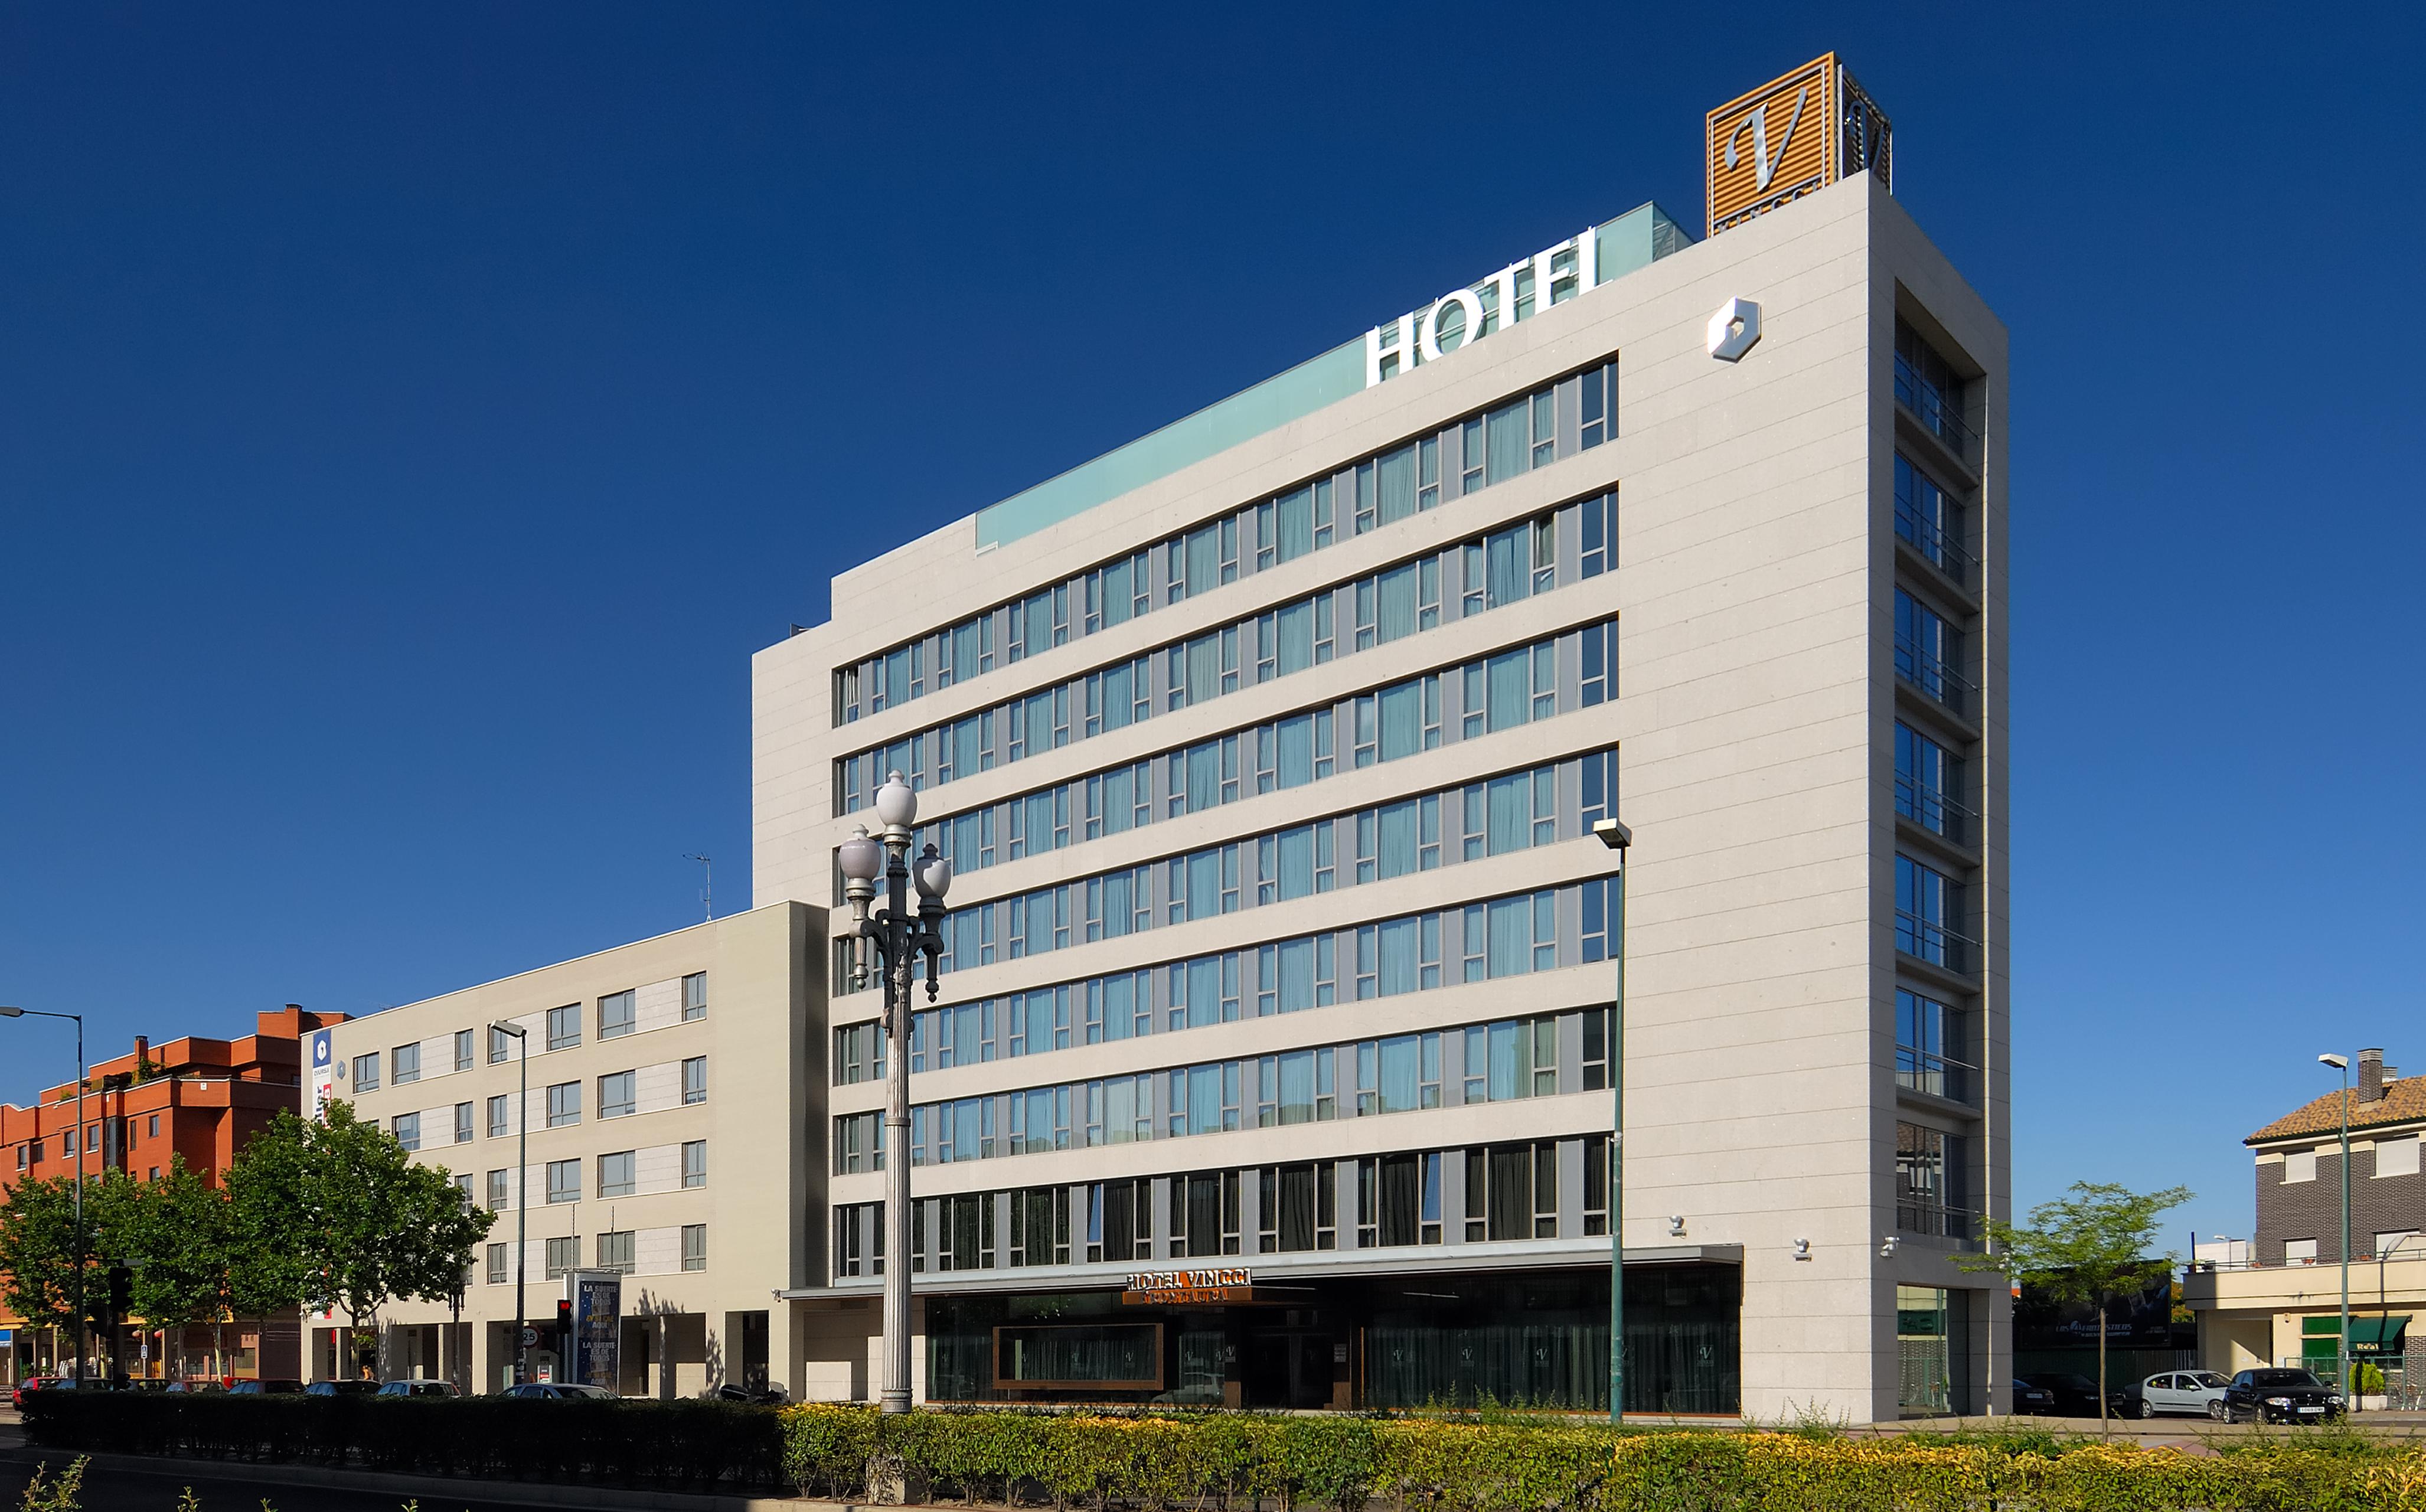 Vincci frontaura hotel en valladolid viajes el corte ingl s - Hoteles de diseno en espana ...